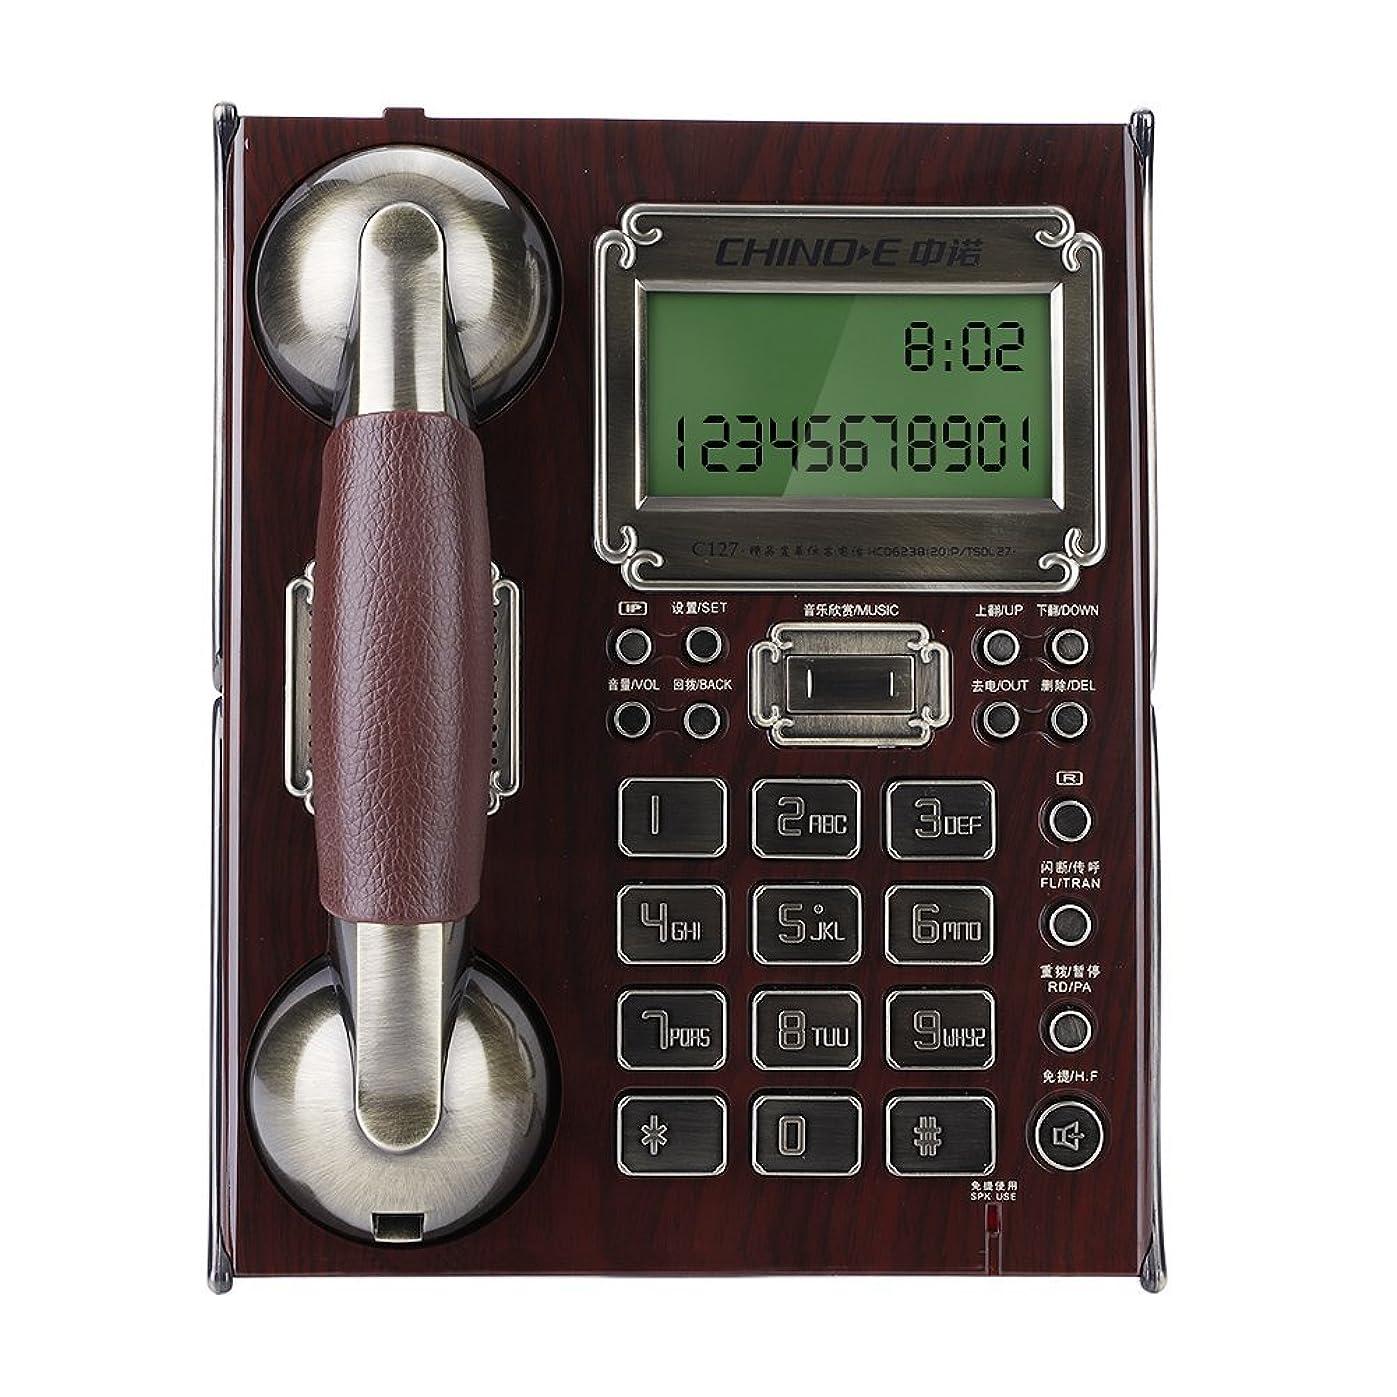 交差点役に立たない水素Richer-R デジタルコードレス電話機 ヨーロッパのアンティークヴィンテージ固定電話 固定電話 家庭用の電話マウント(レッド)